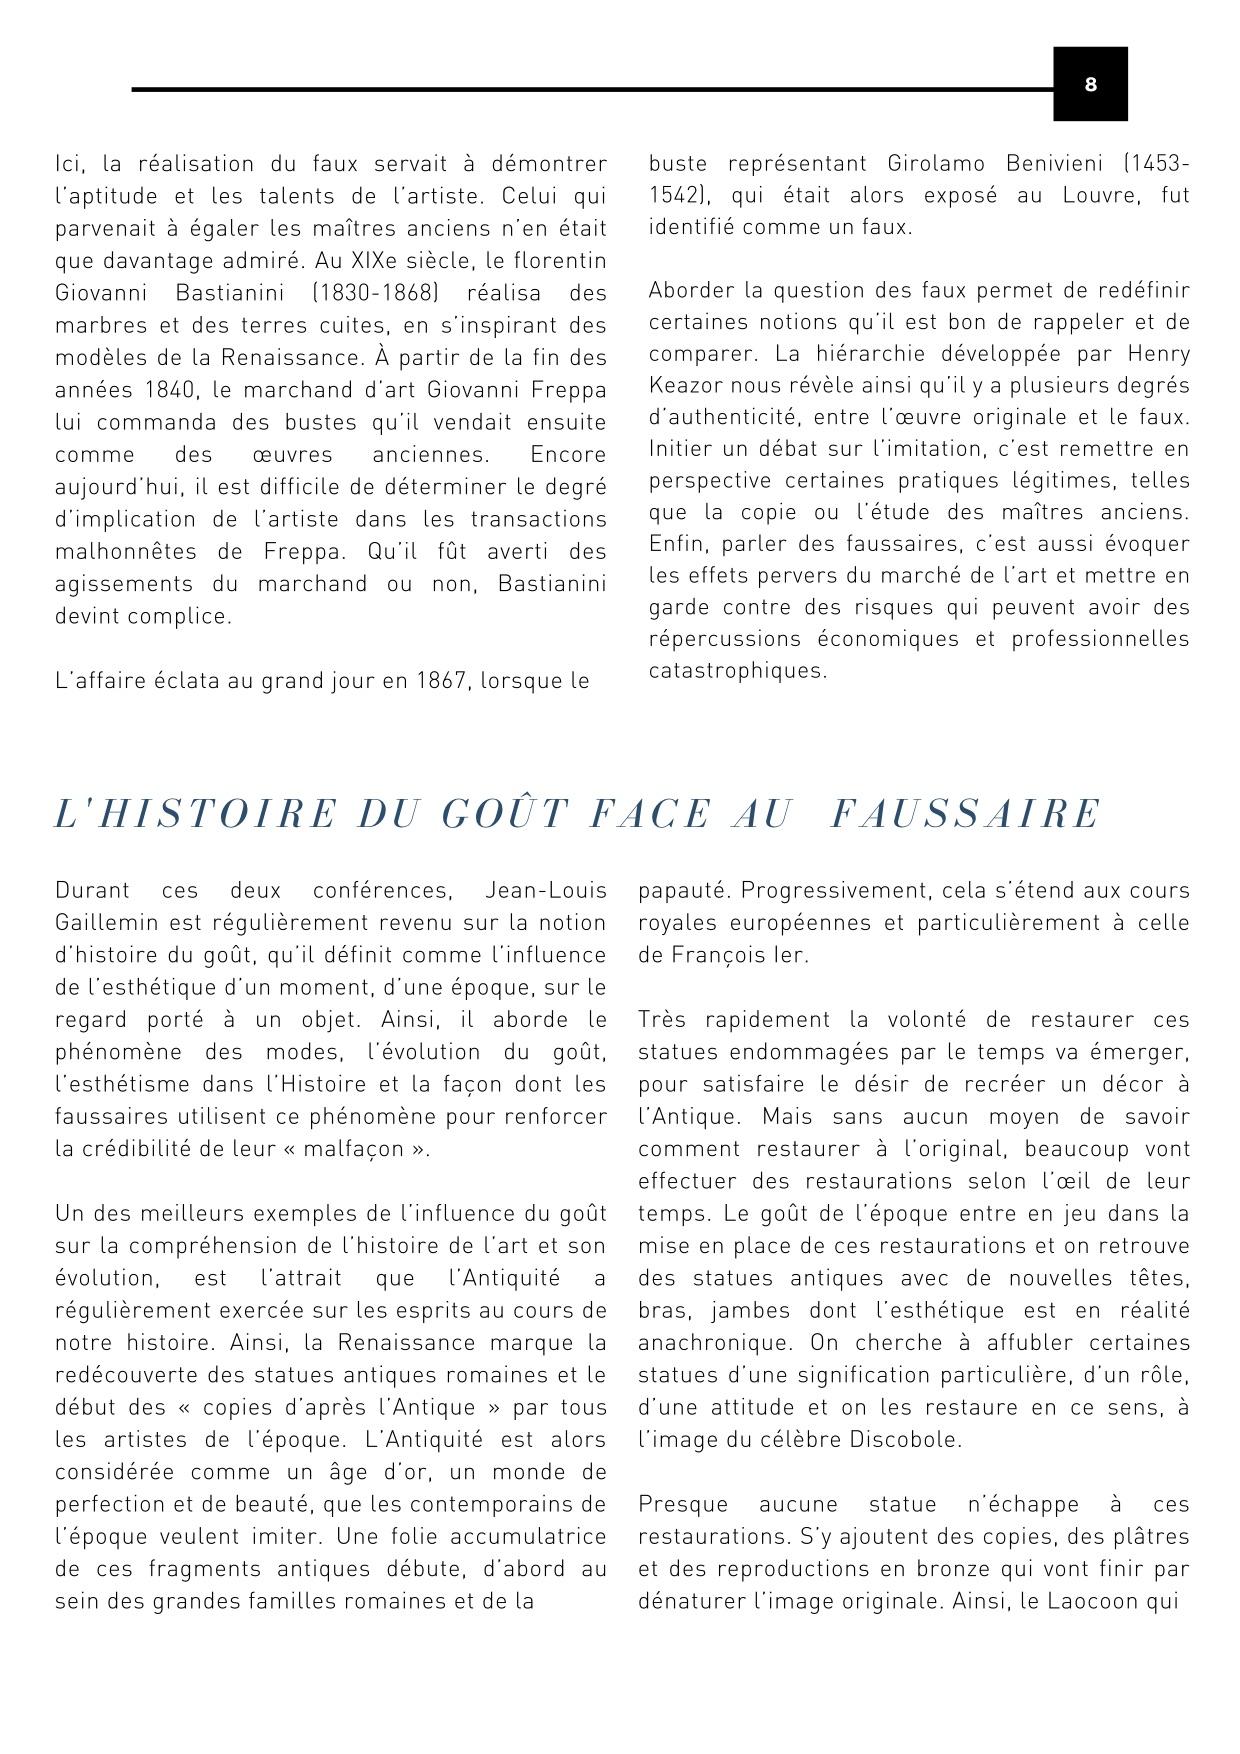 Compte_rendu_des_conf_rences_de_Jean_Louis_Gaillemin_8